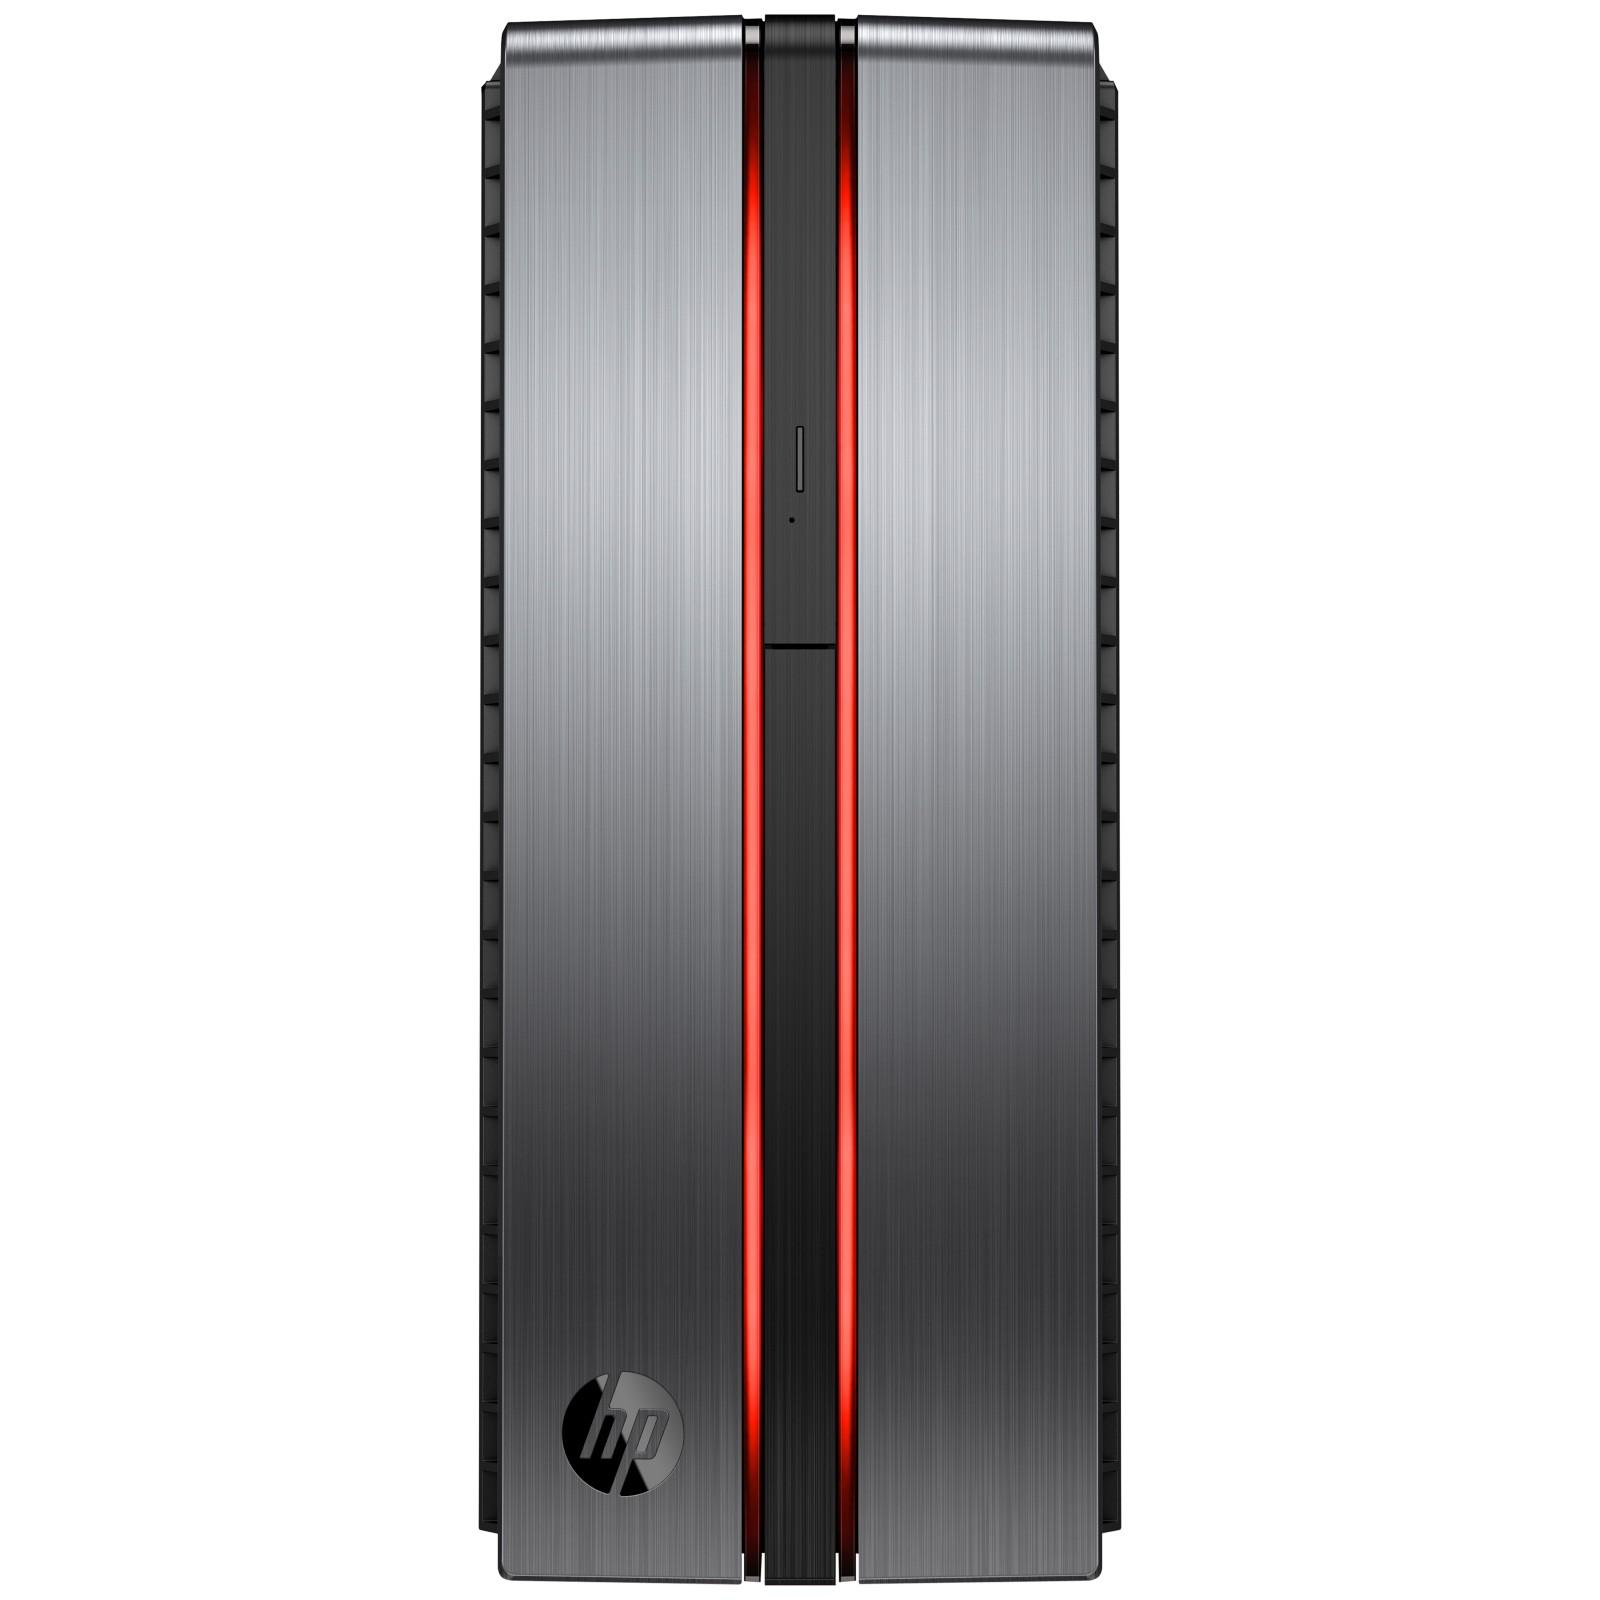 HP Envy Phoenix 860-000na Desktop PC